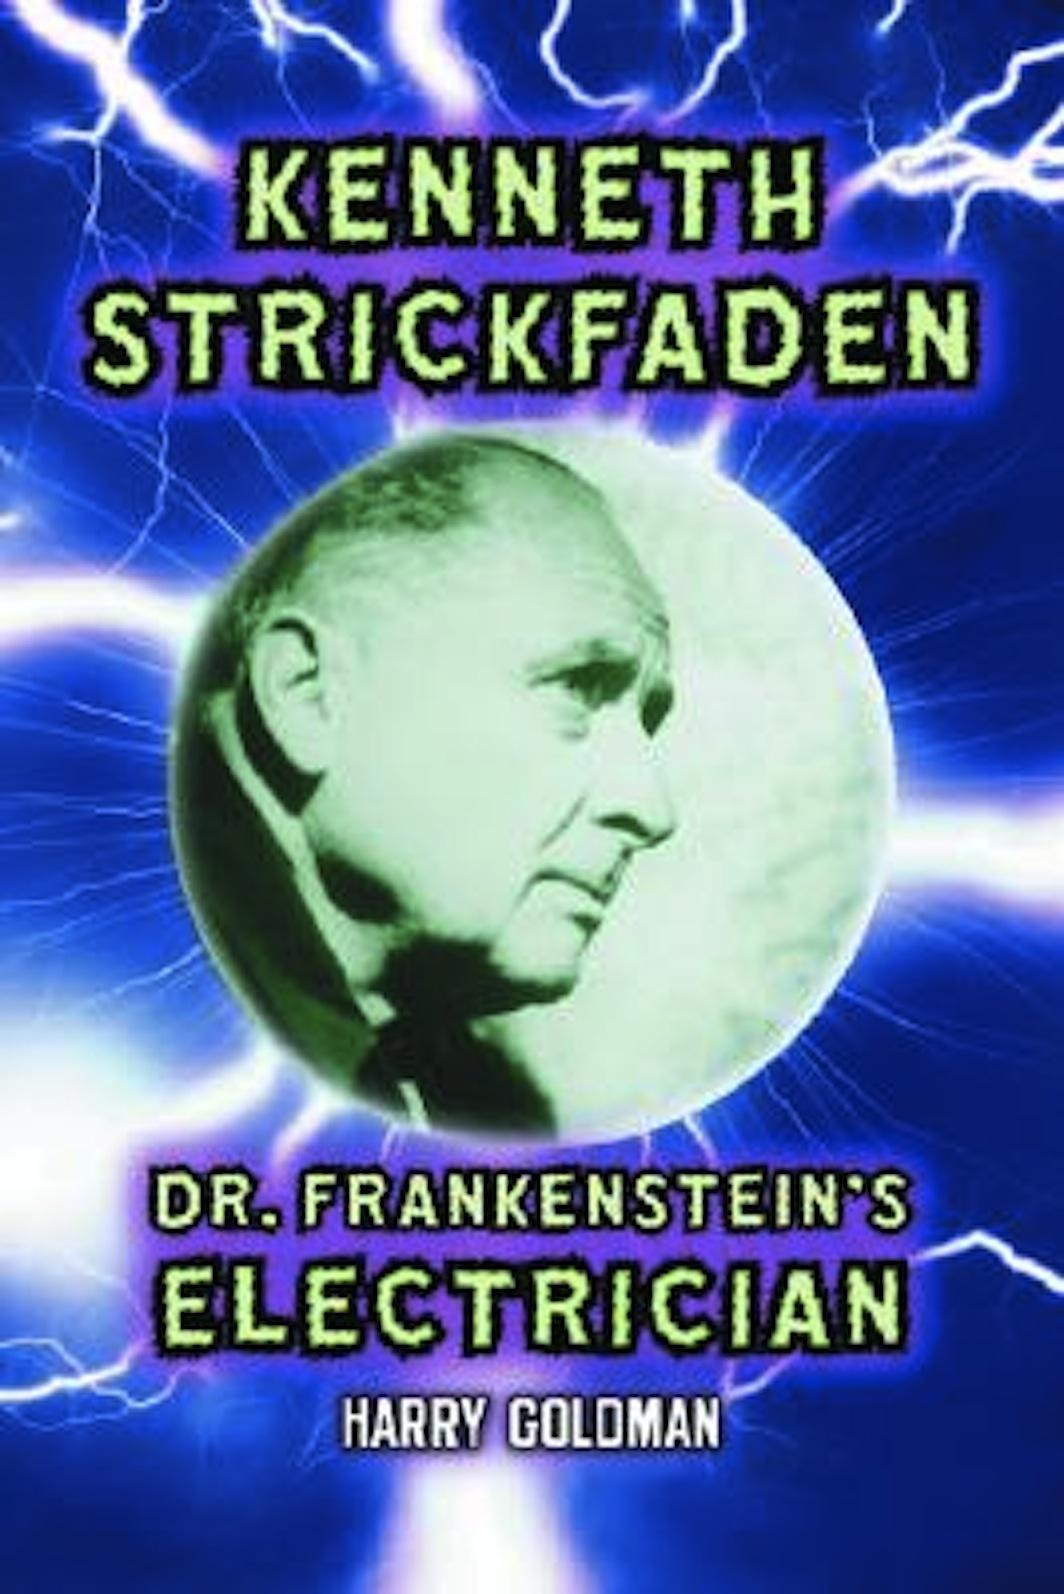 Kenneth-Strickfaden-Dr-Frankenstein-s-Electrician-